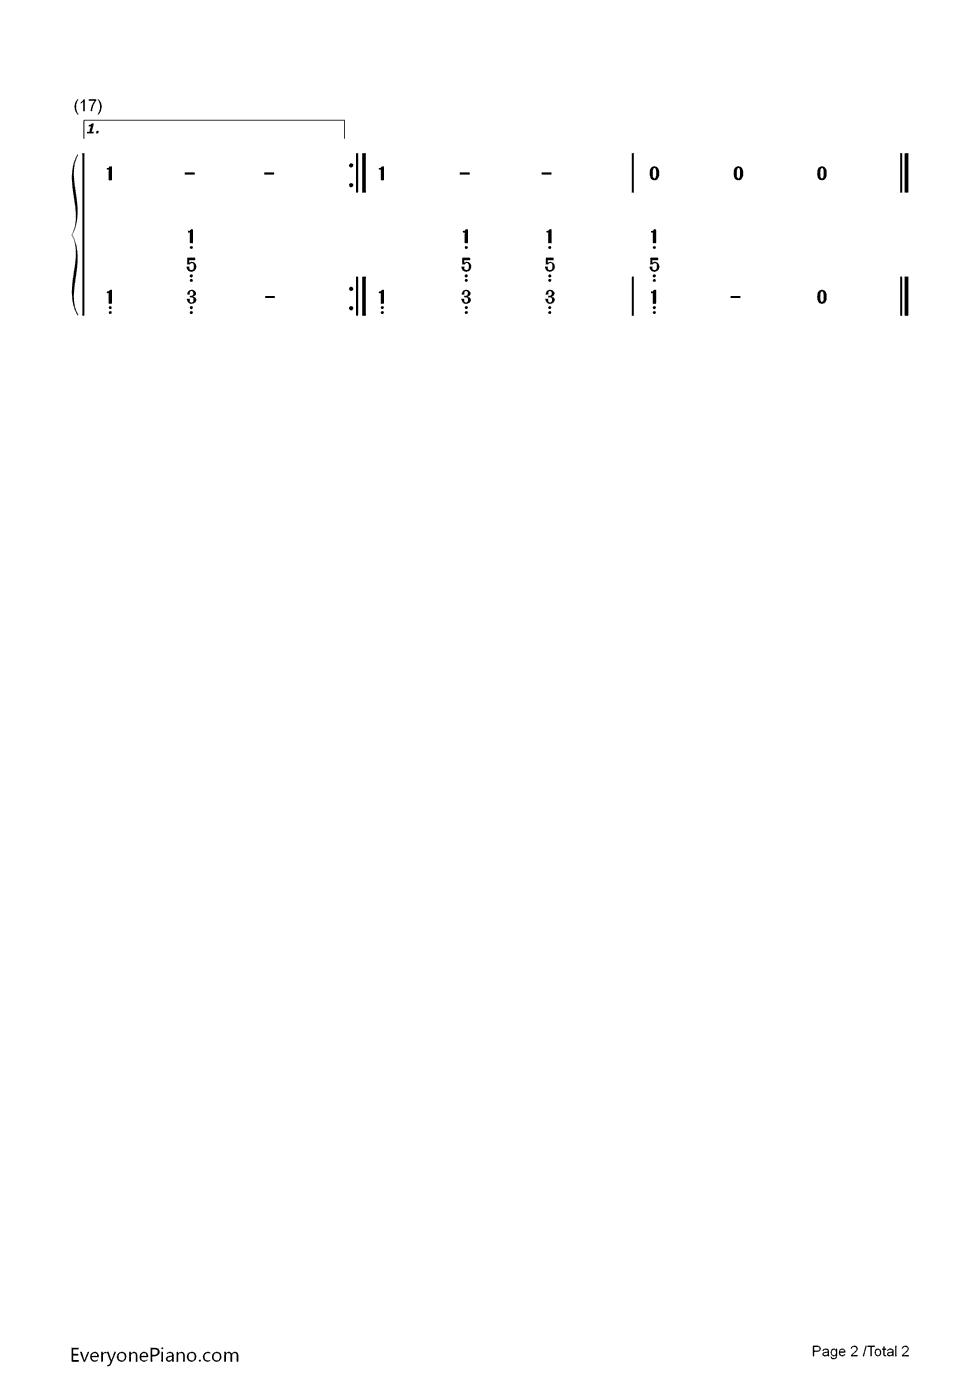 摇篮曲-lullaby-舒伯特双手简谱预览